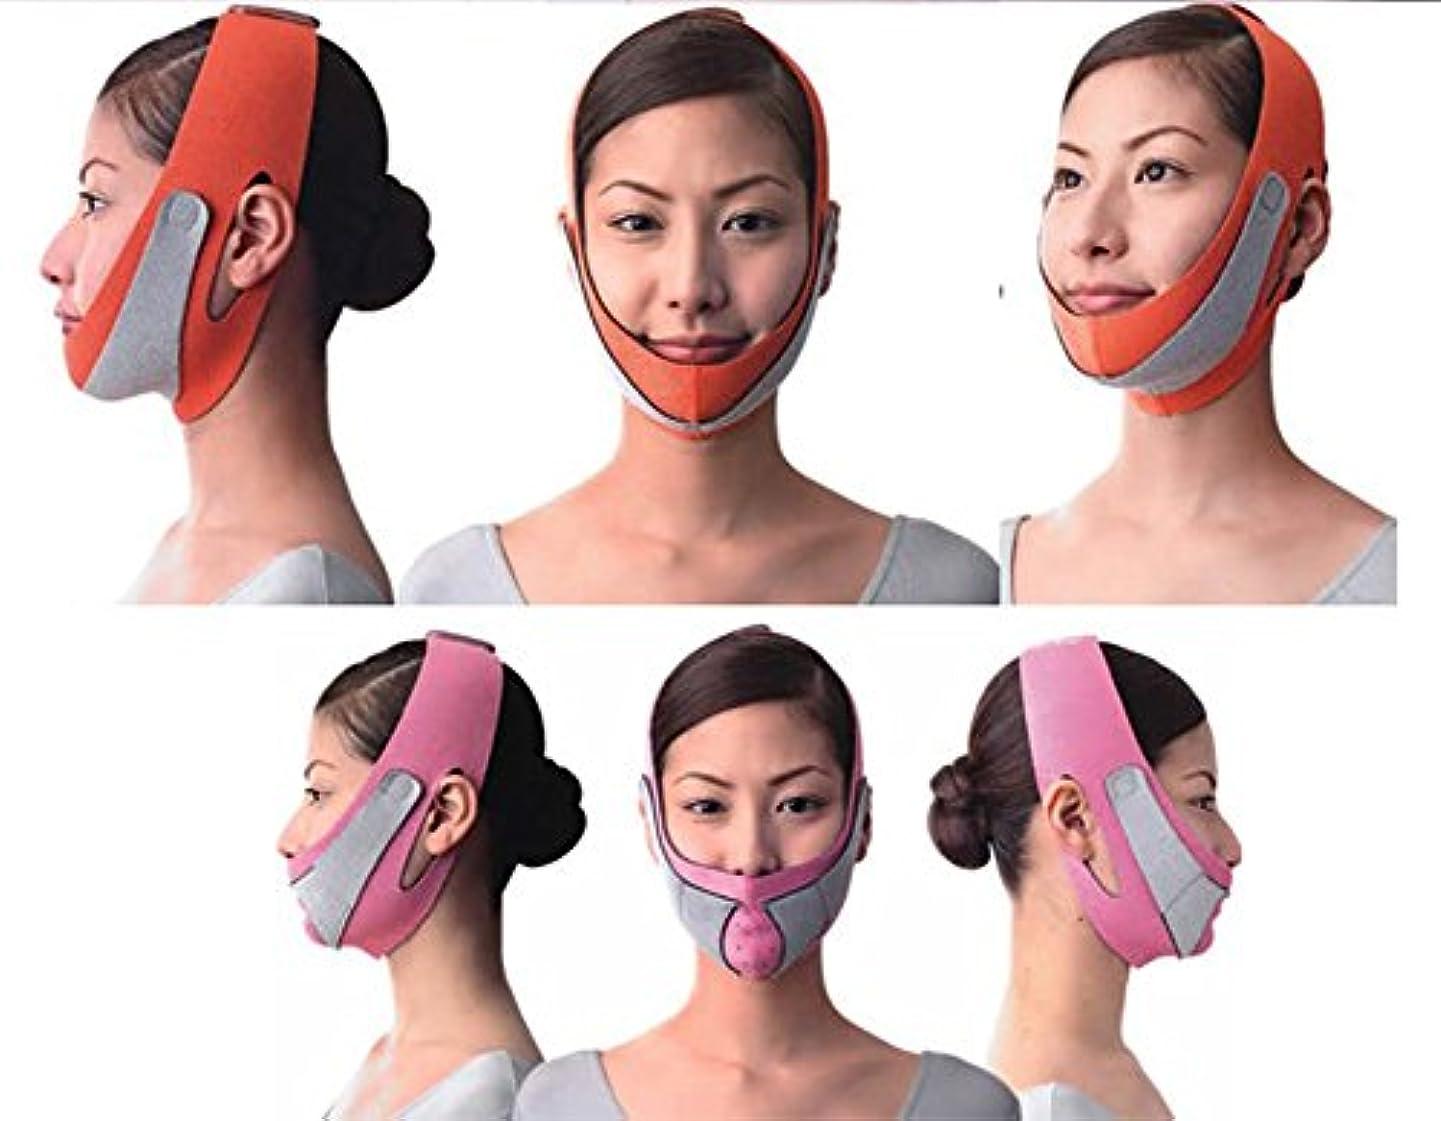 同じ練習した絵引き上げマスク 頬のたるみ 額、顎下、頬リフトアップ ピンク グレー 弾力V-ラインマスク 引っ張る リフティング フェイス リフトスリムマスク 美容 フェイスマスク